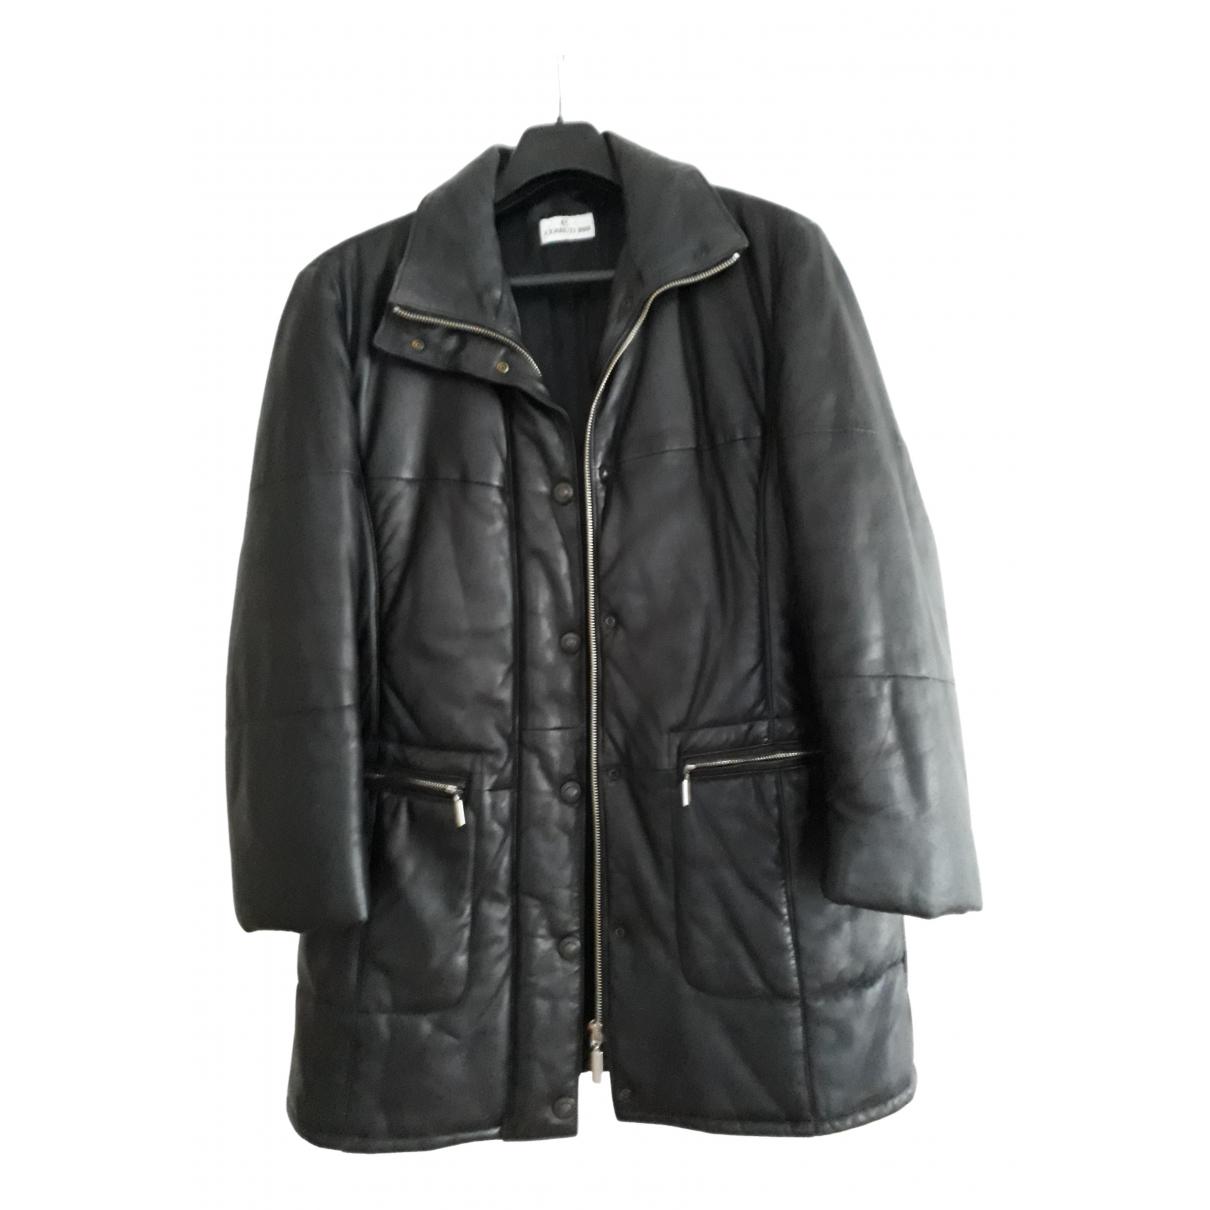 Cerruti - Manteau   pour femme en cuir - noir